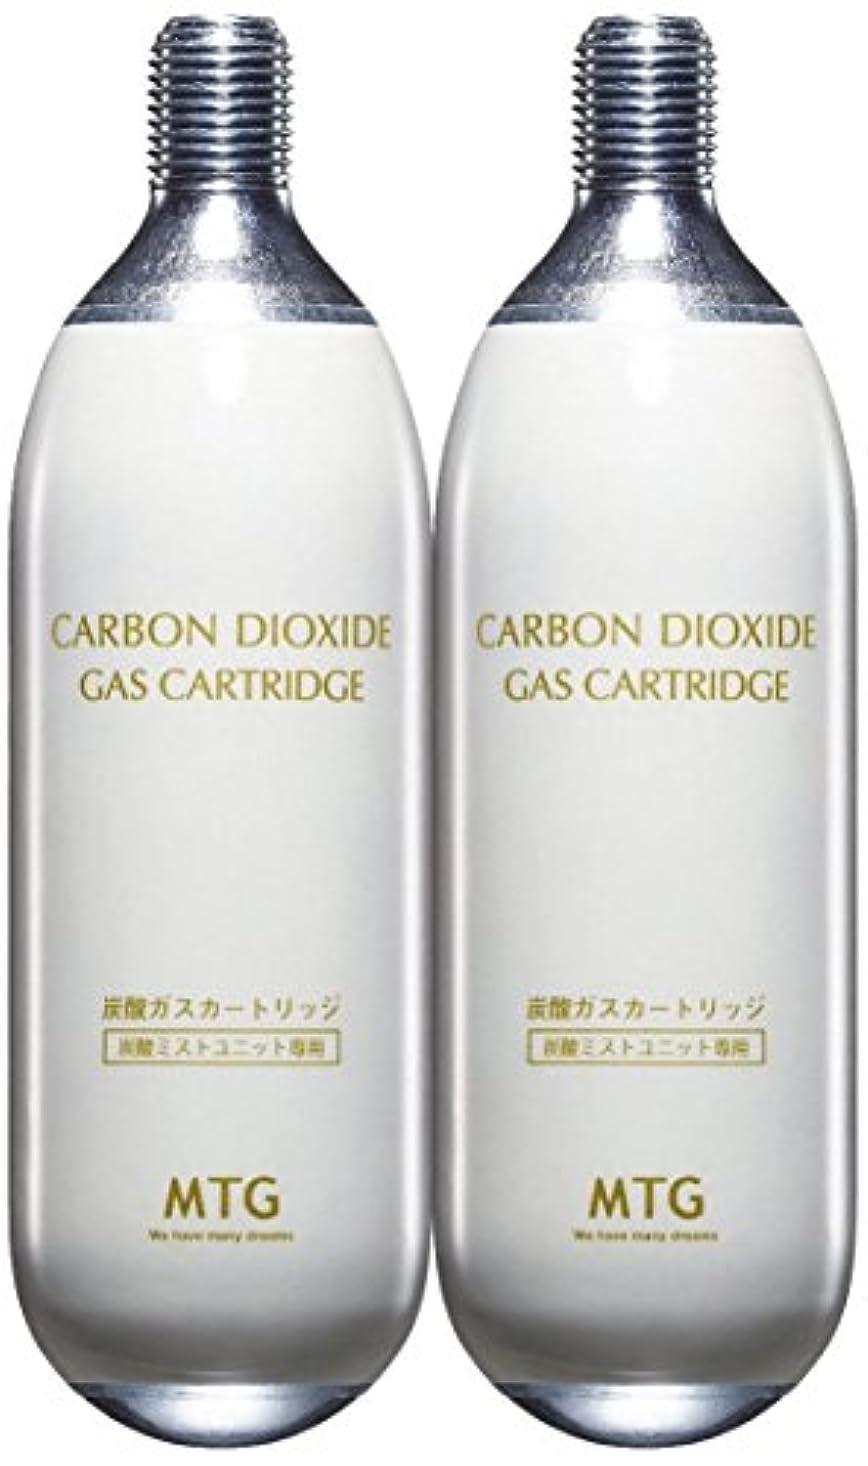 結論かわいらしい征服するプロージョン 専用炭酸ガスカートリッジ ホワイト 2本セット